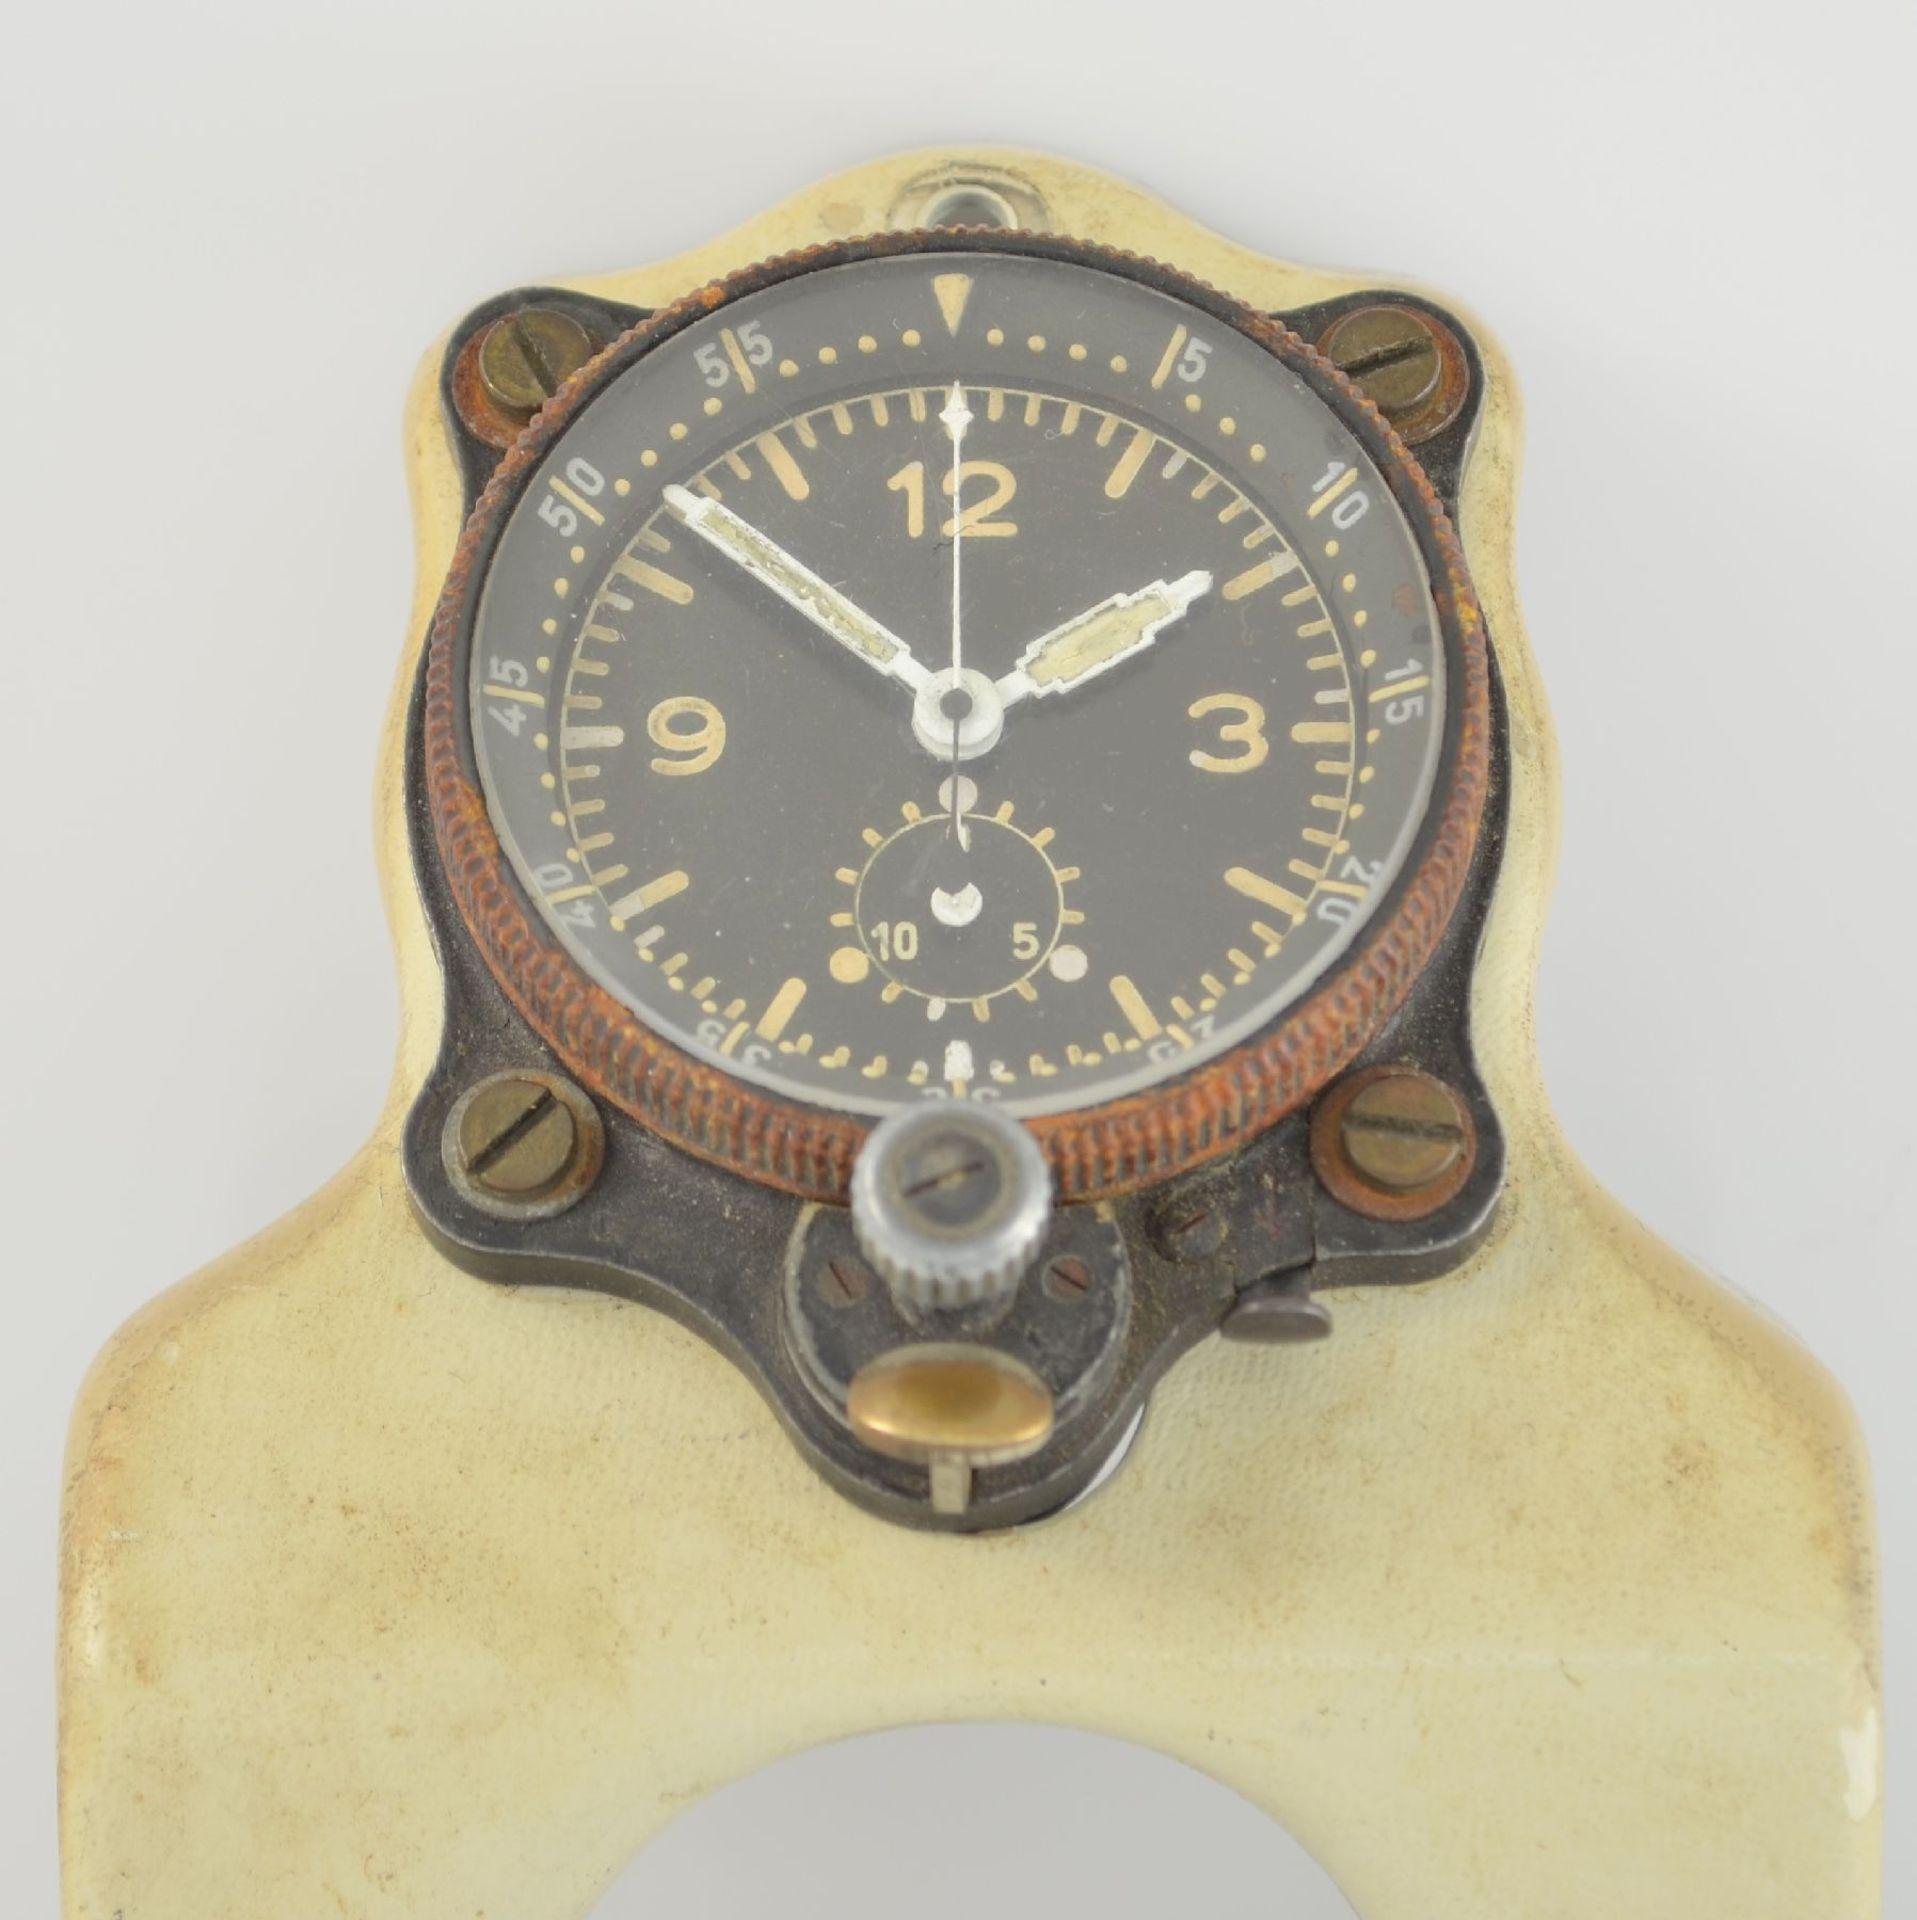 JUNGHANS Borduhr mit Chronograph (Dashboard), Deutschland um 1940, schwarzes Metallgeh., montiert - Bild 2 aus 6